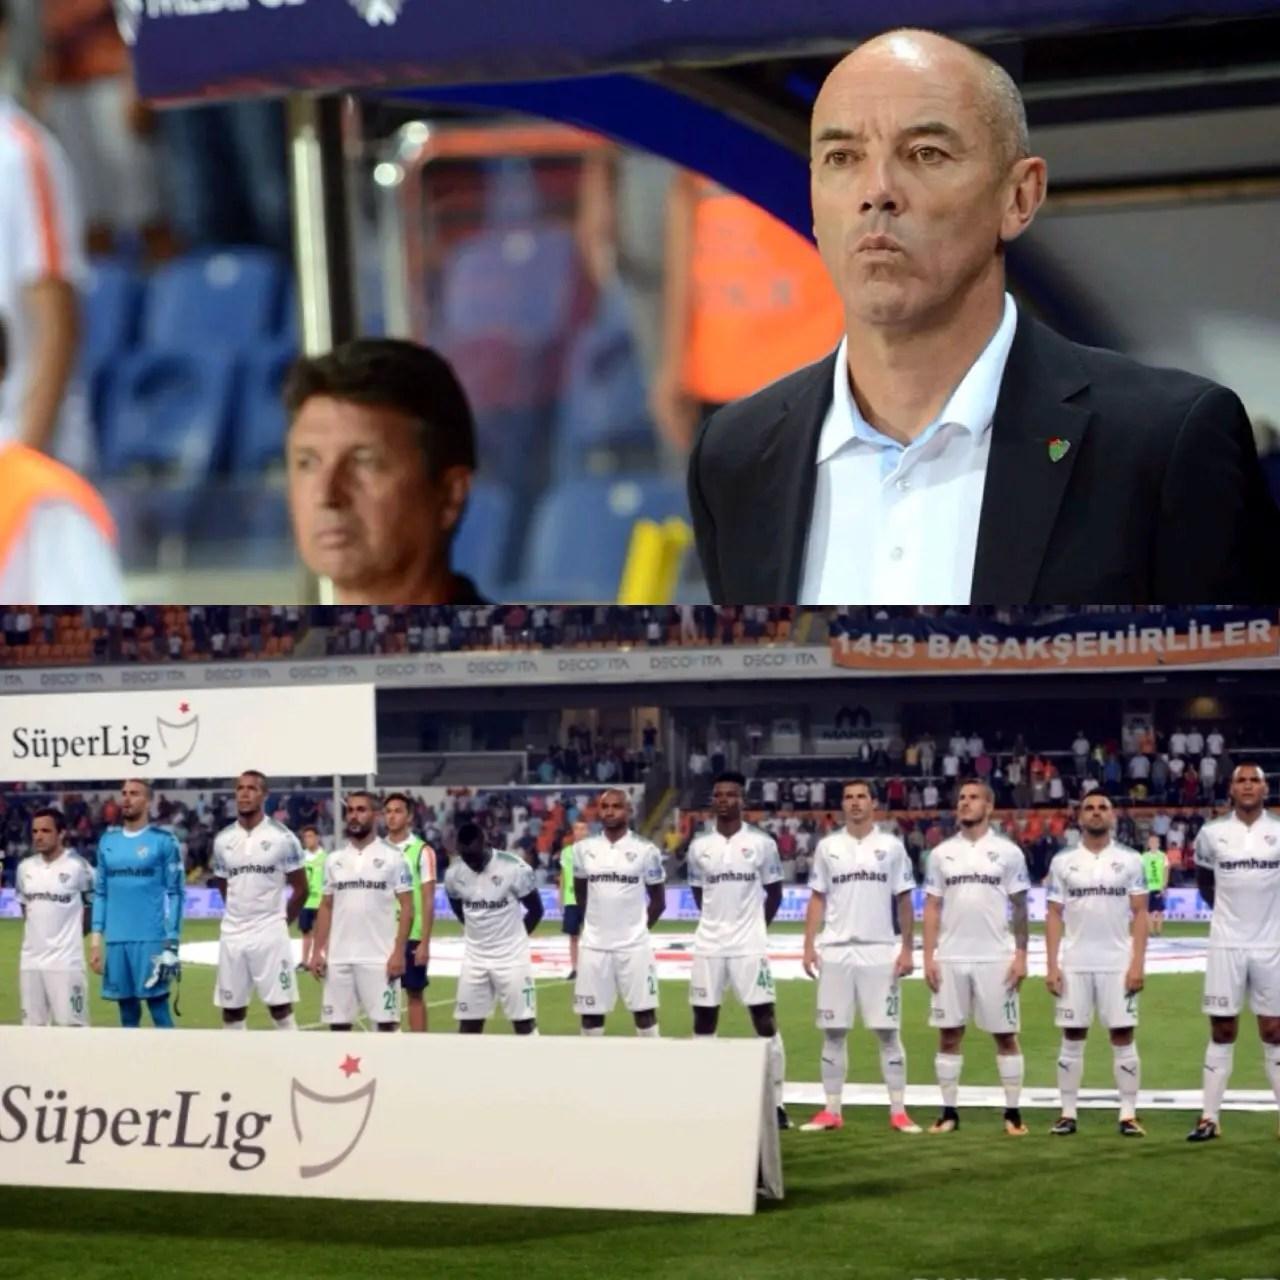 Bursaspor Coach Le Guen Exonerates Agu, Troost-Ekong On Season Opener Defeat